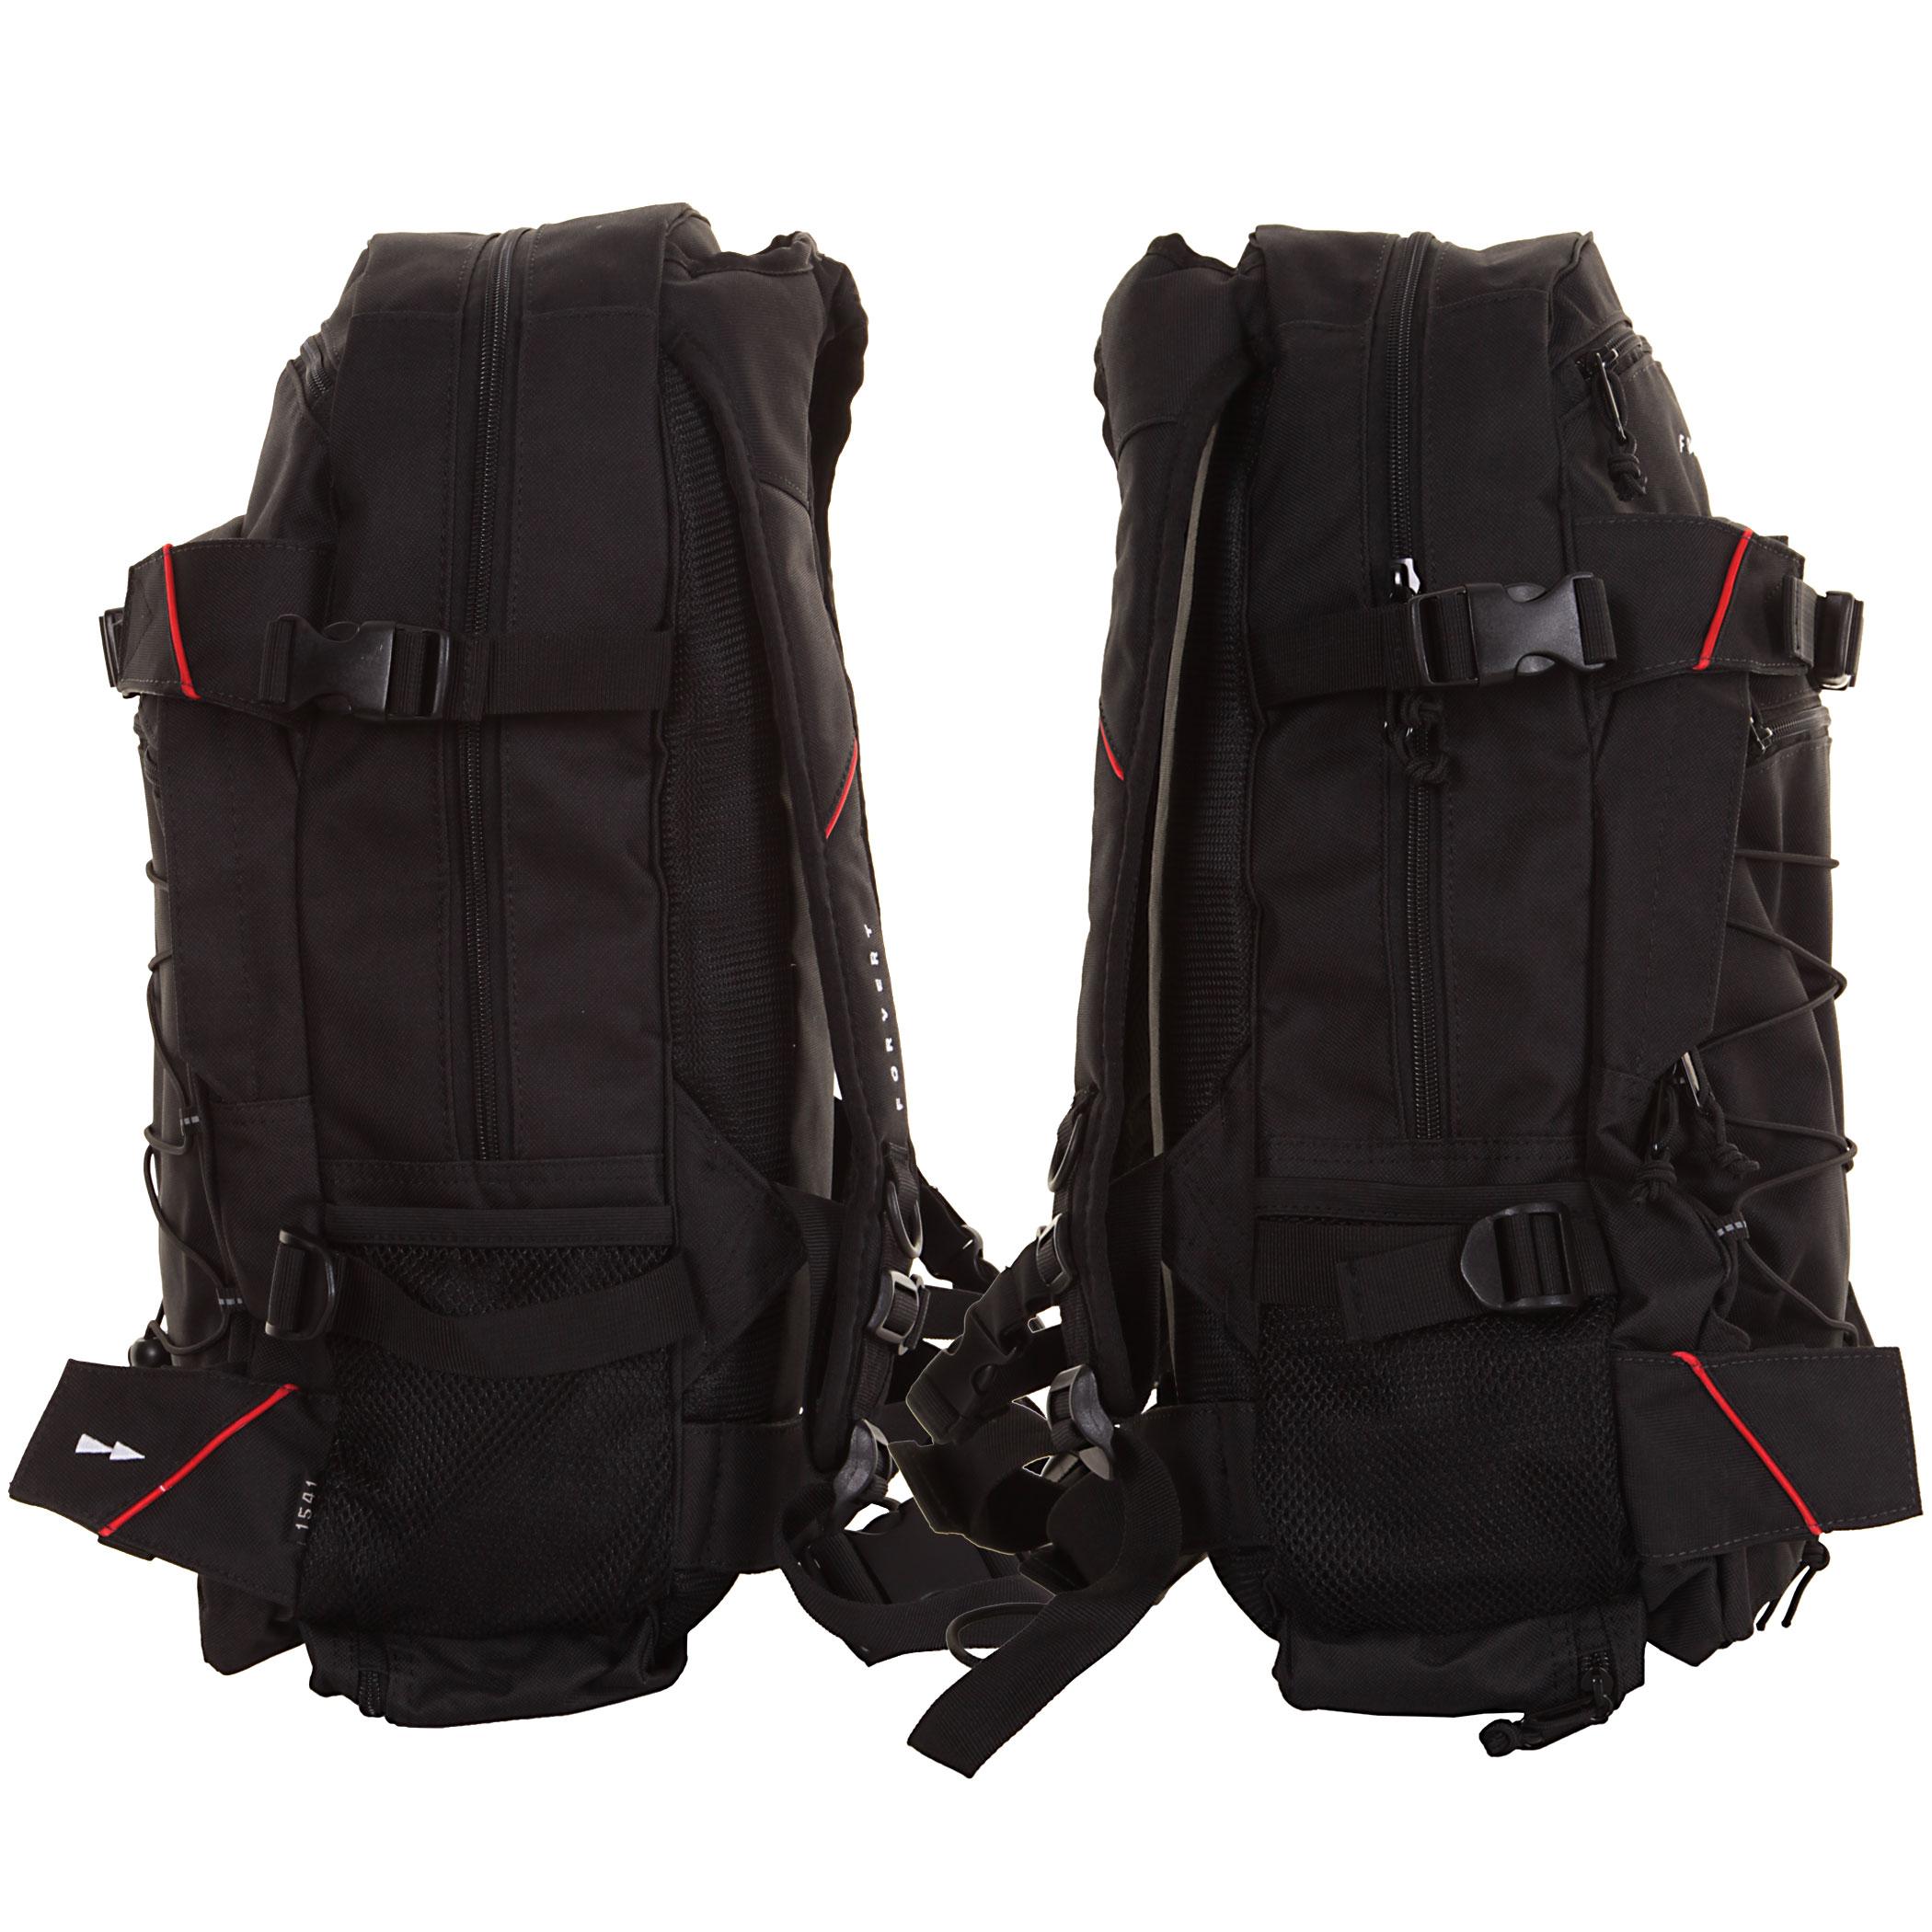 forvert louis backpack 20l black buy at skatedeluxe. Black Bedroom Furniture Sets. Home Design Ideas